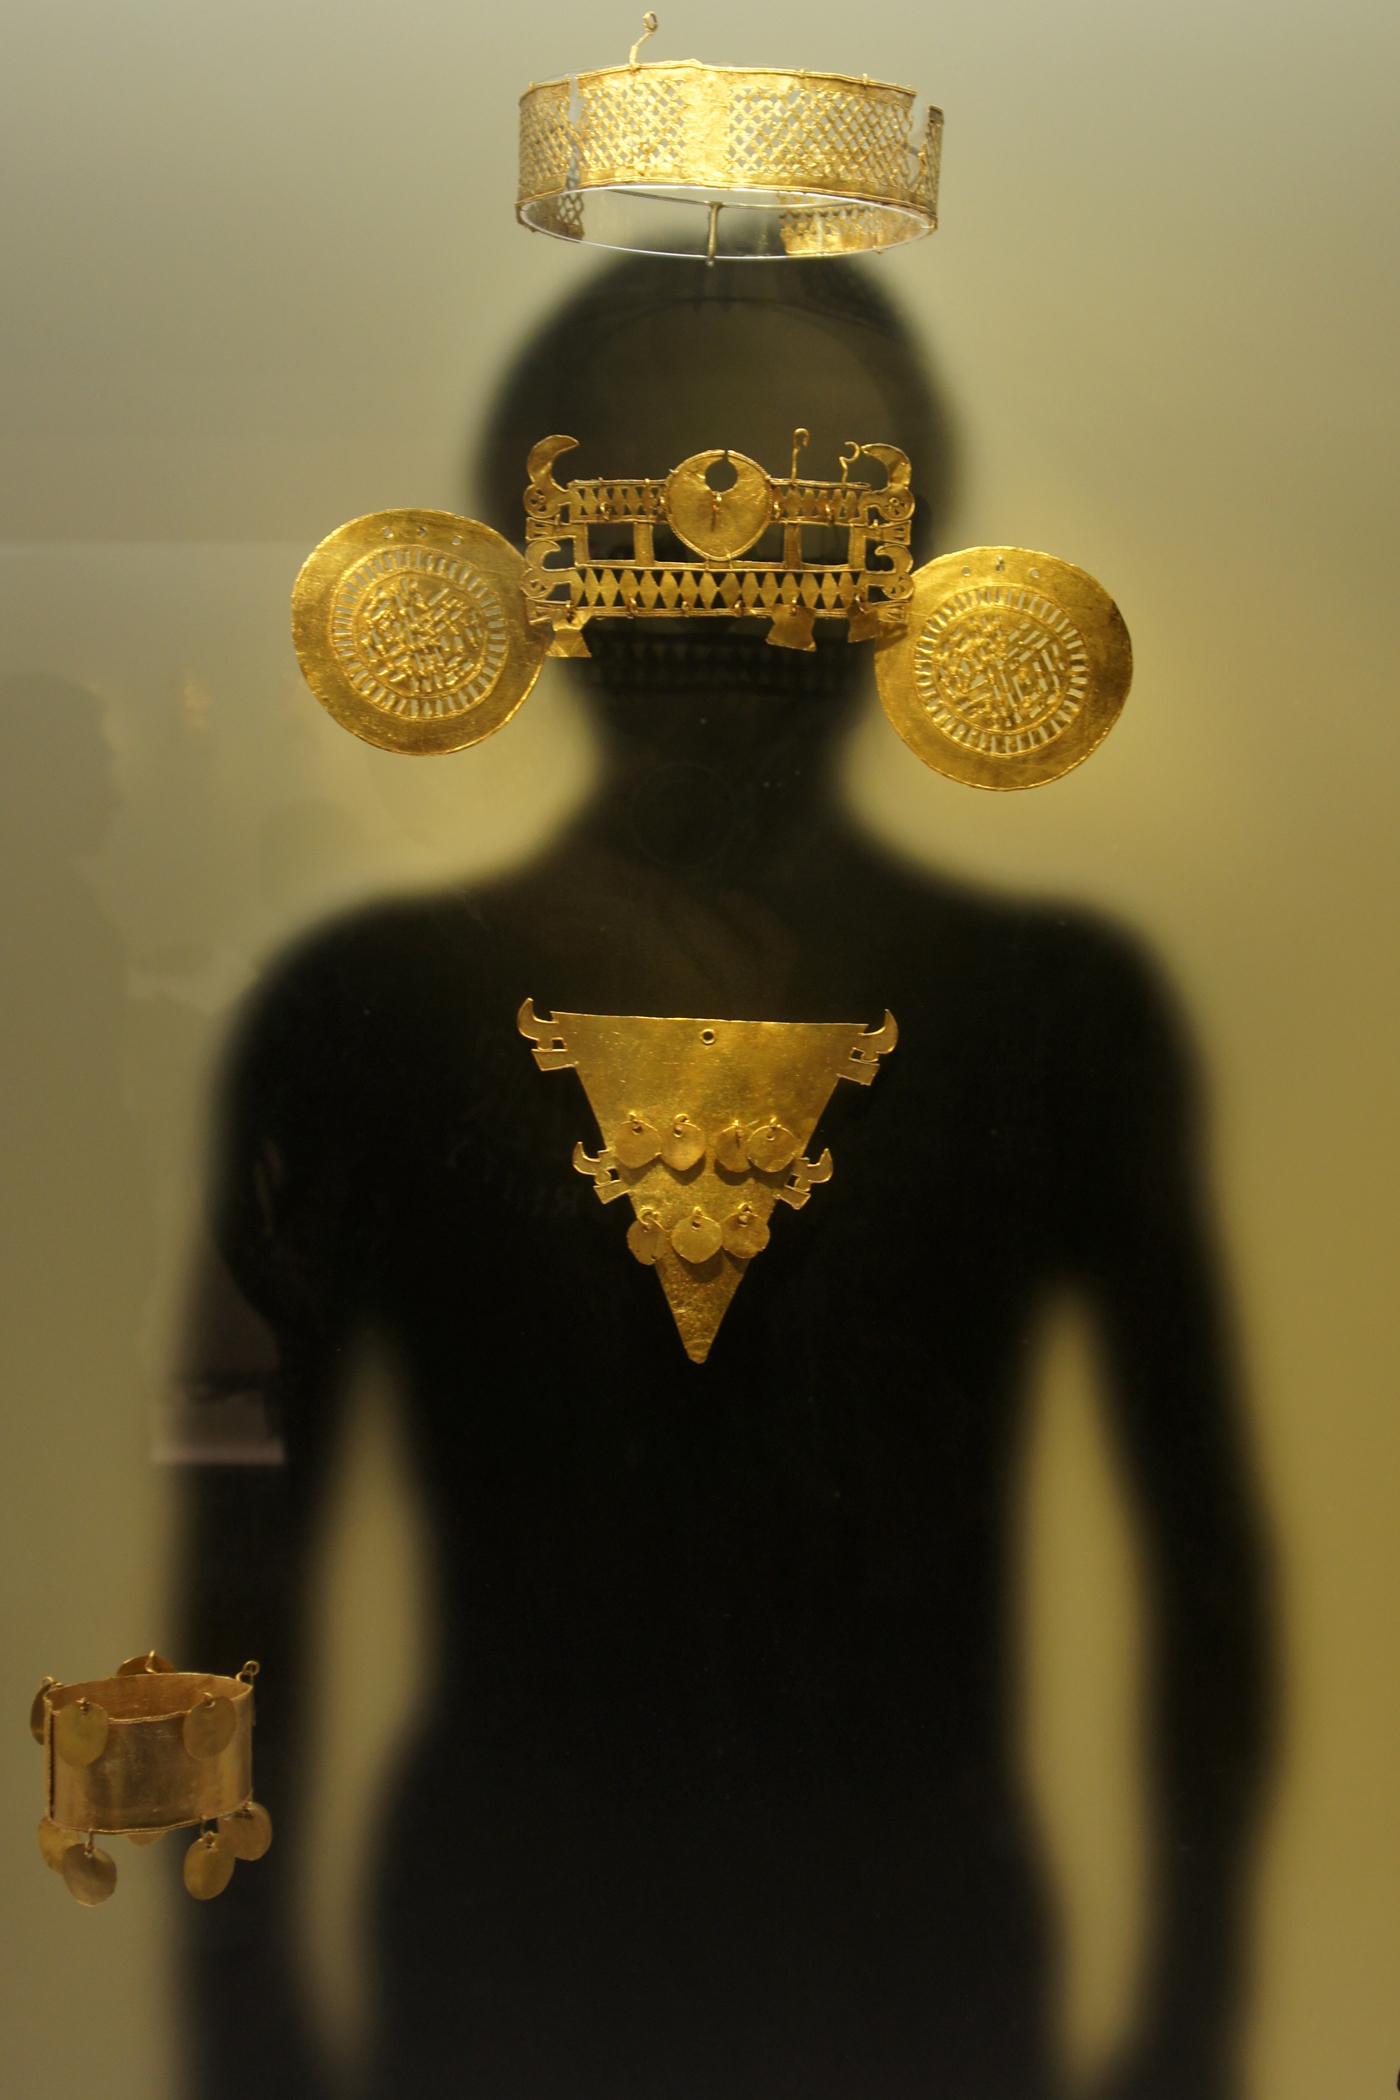 Archivo:BOG 04 2012 Museo de Oro 1212.JPG Wikipedia, la